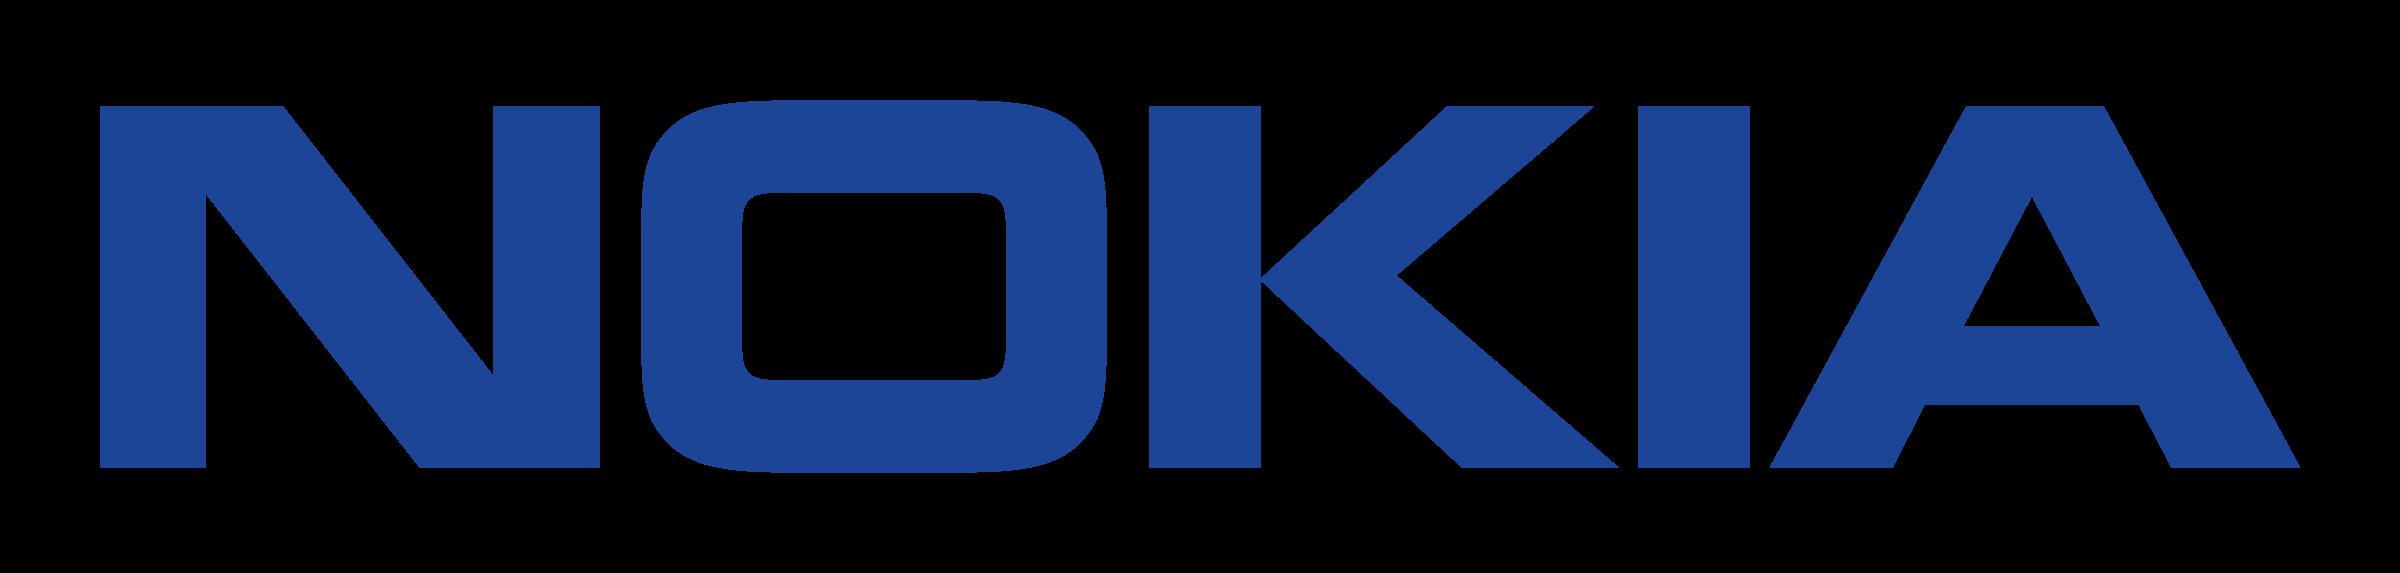 nokia logo eps free download